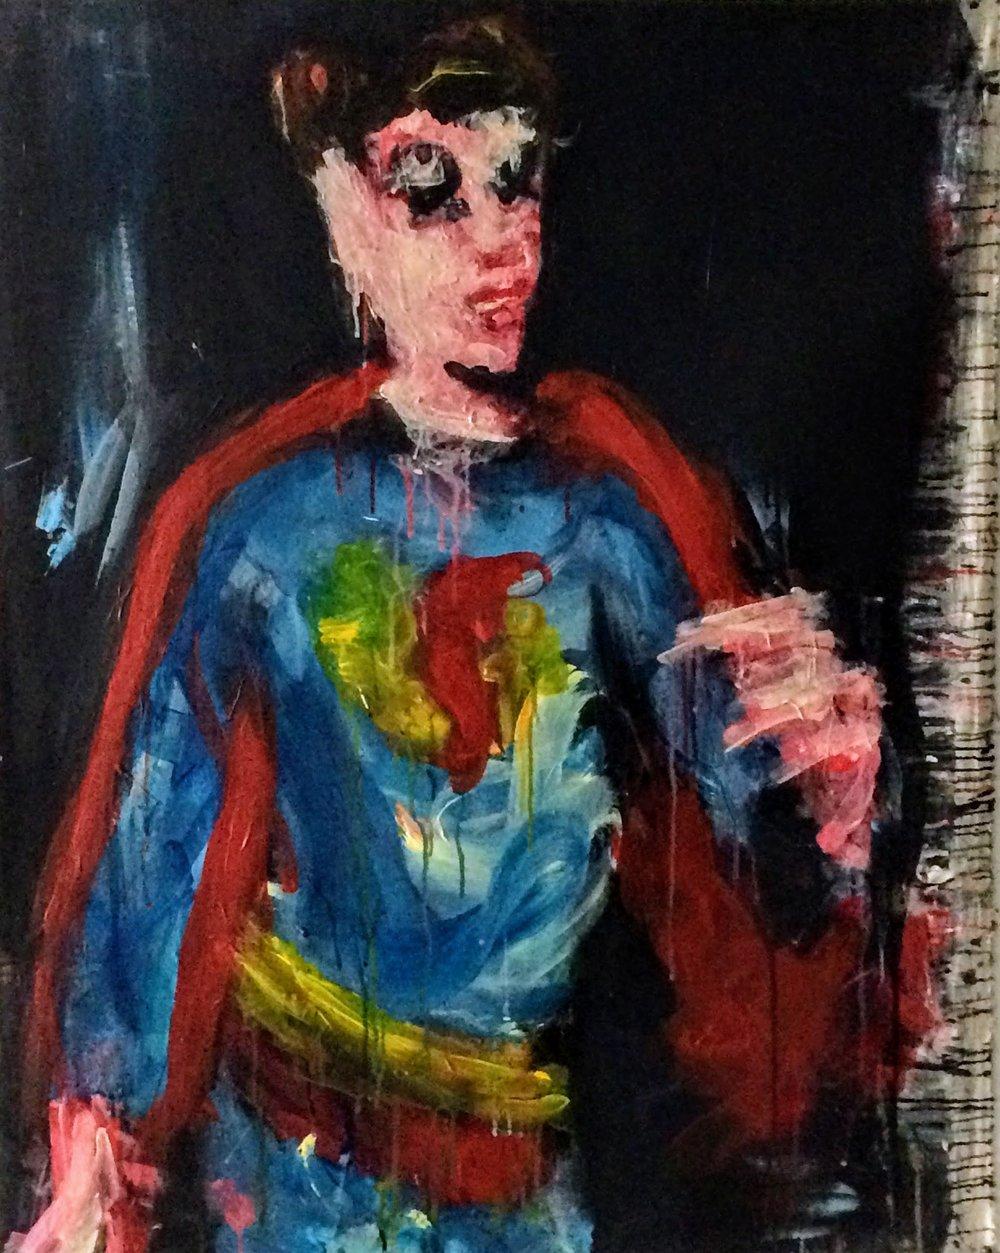 01_Superman_81 x101cm unframed sheet canvas 1800.jpg